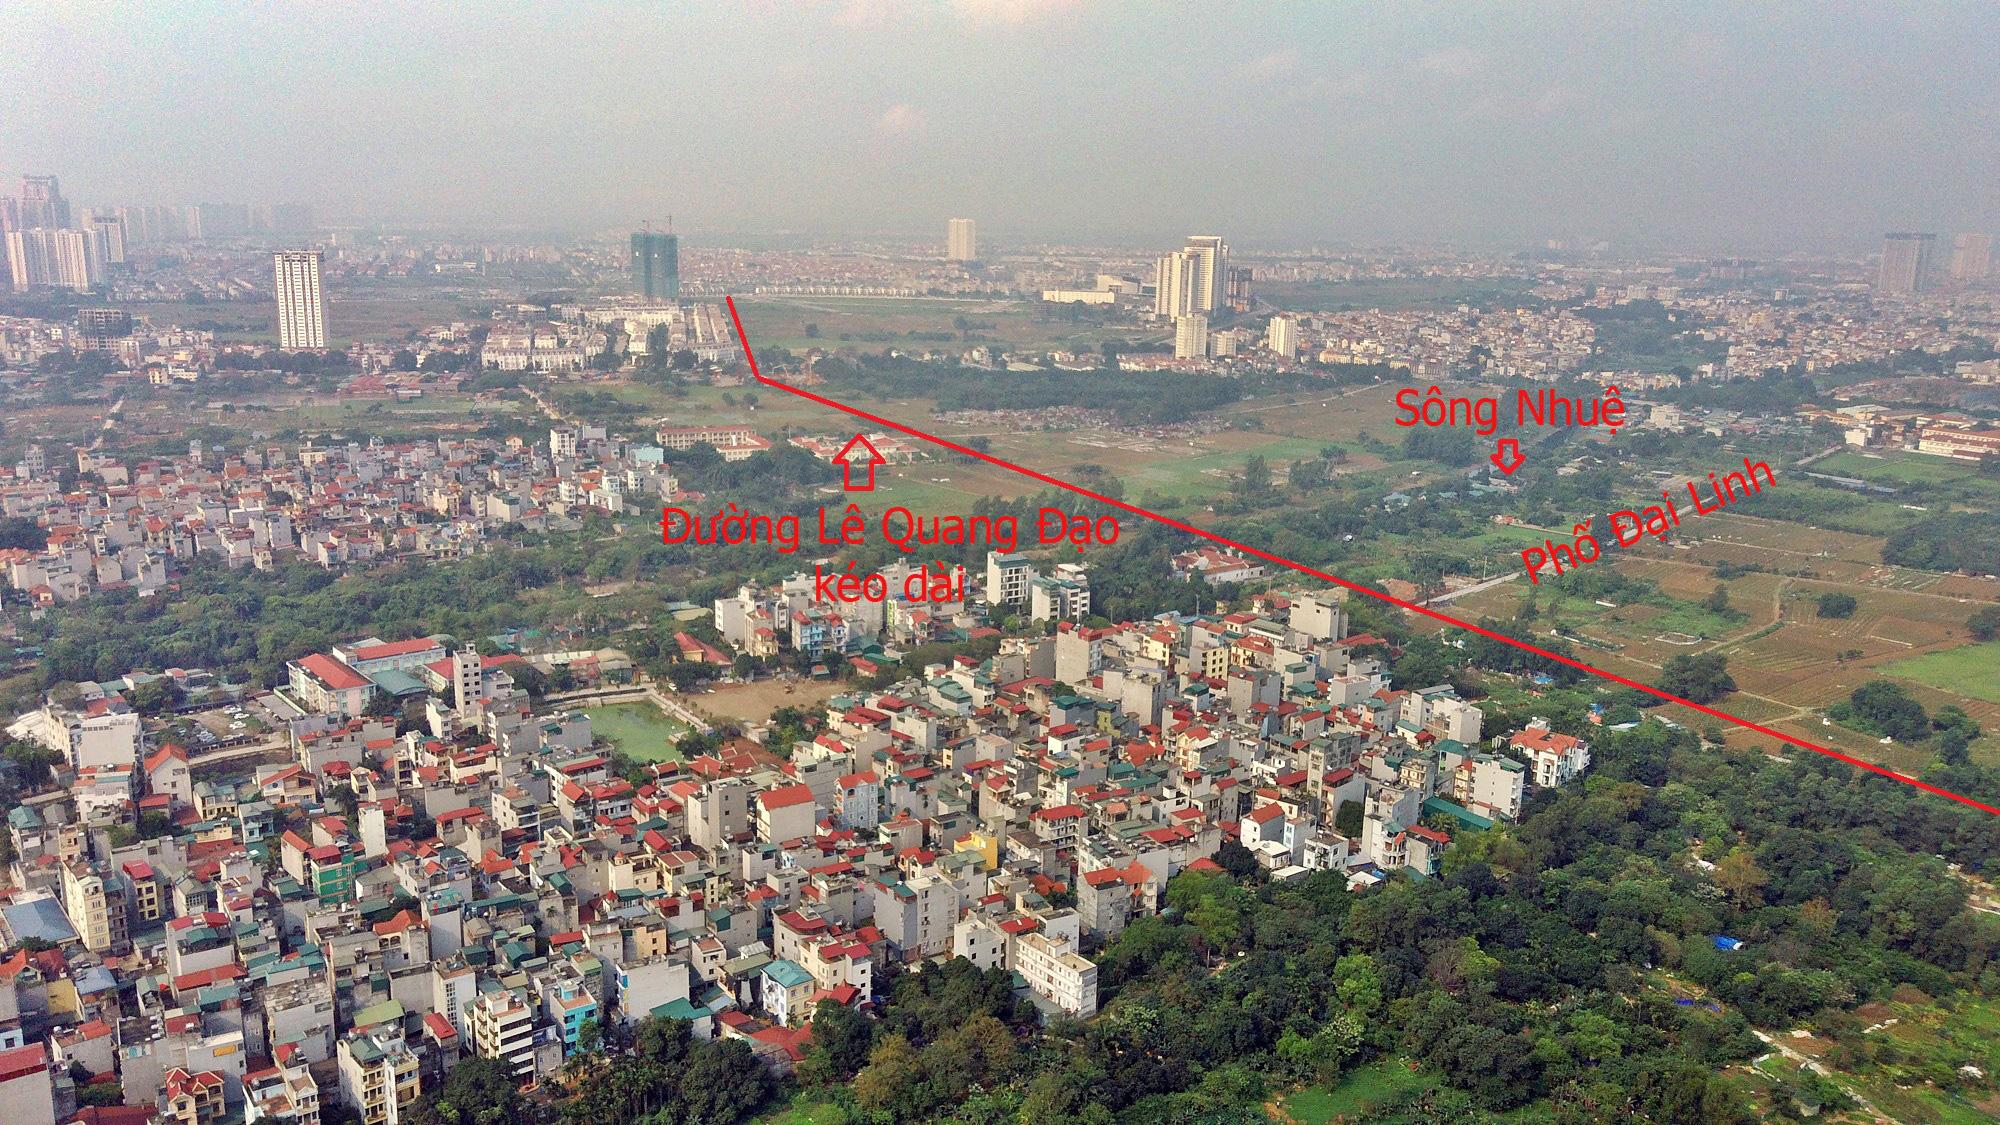 Đường sẽ mở theo qui hoạch ở Hà Nội: Toàn cảnh đường Lê Quang Đạo kéo dài qua KĐT Dương Nội - Ảnh 4.